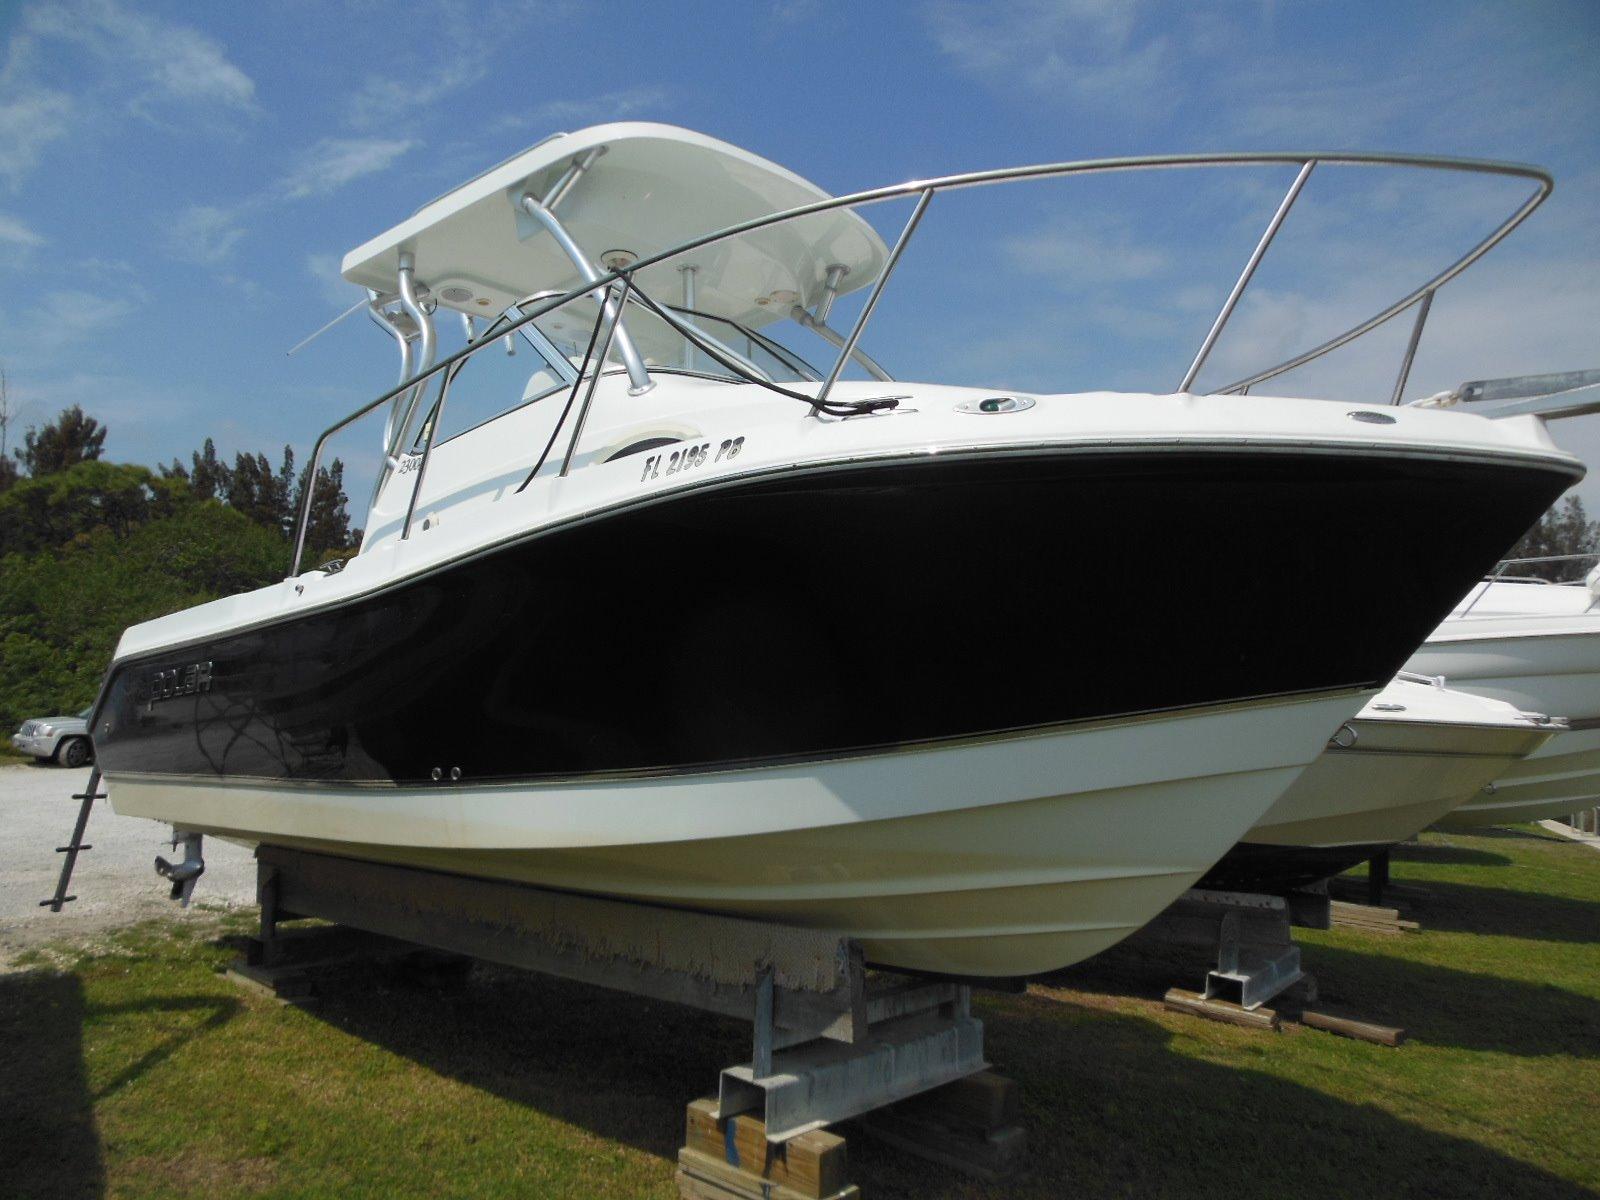 2009 Polar 2300 Walkaround Power Boat For Sale Www